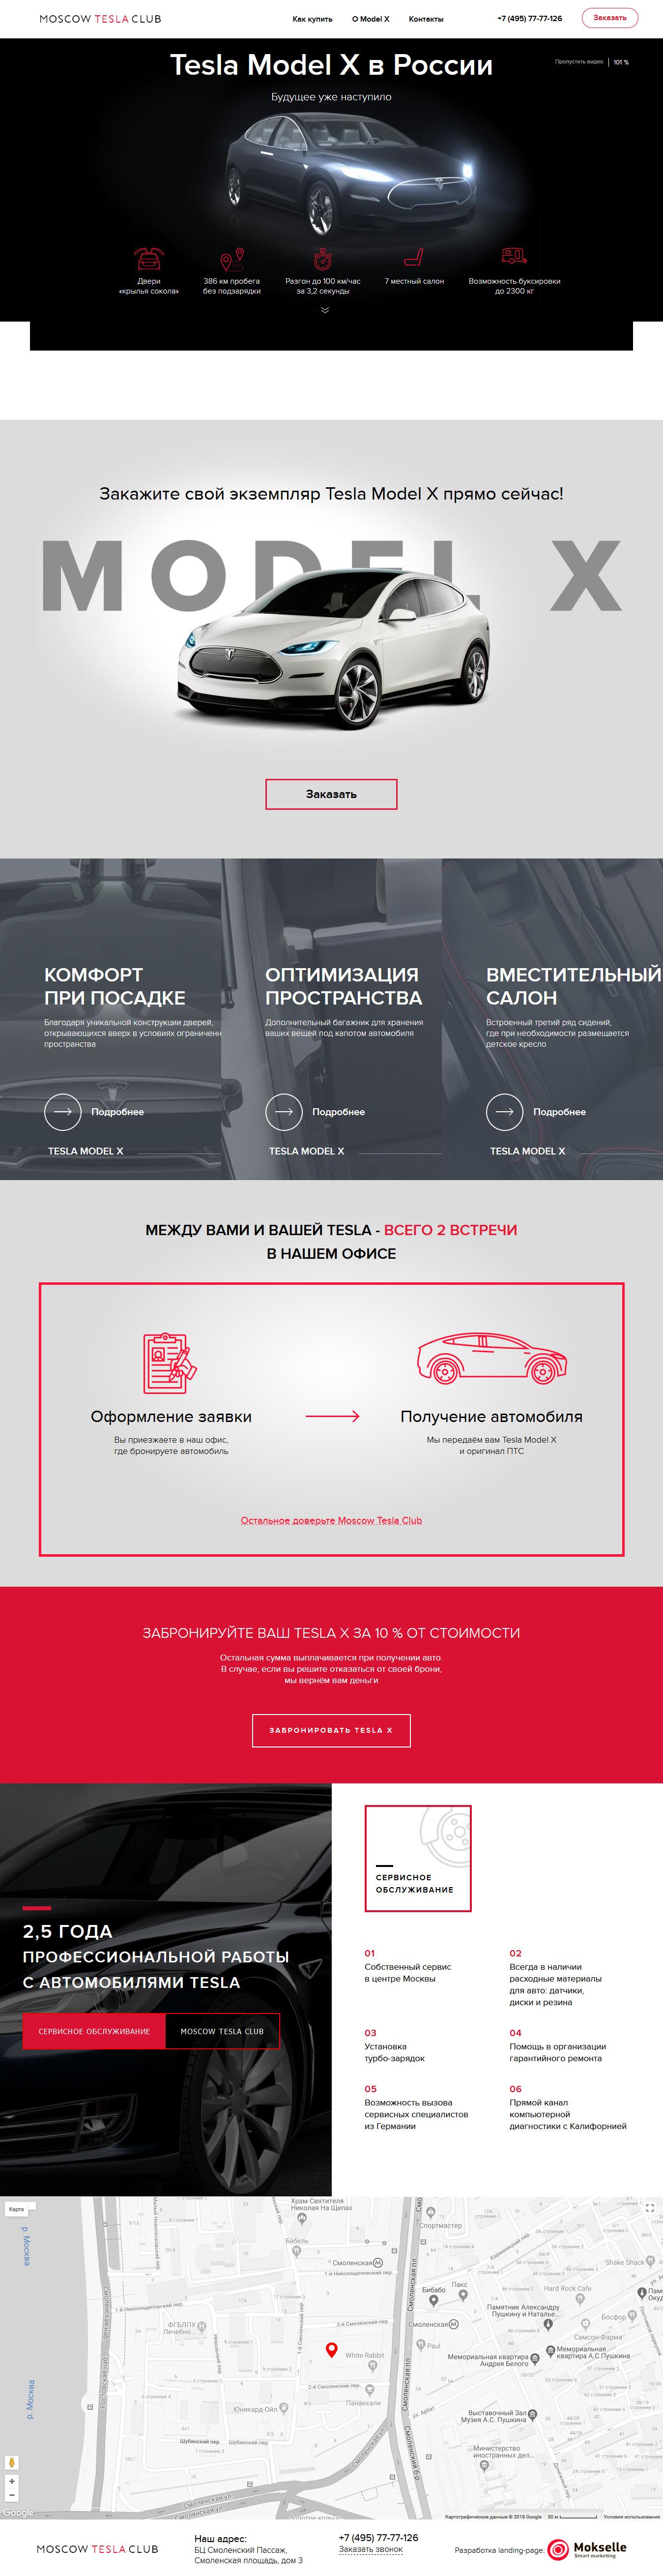 Шаблон лендинга: Tesla Model X